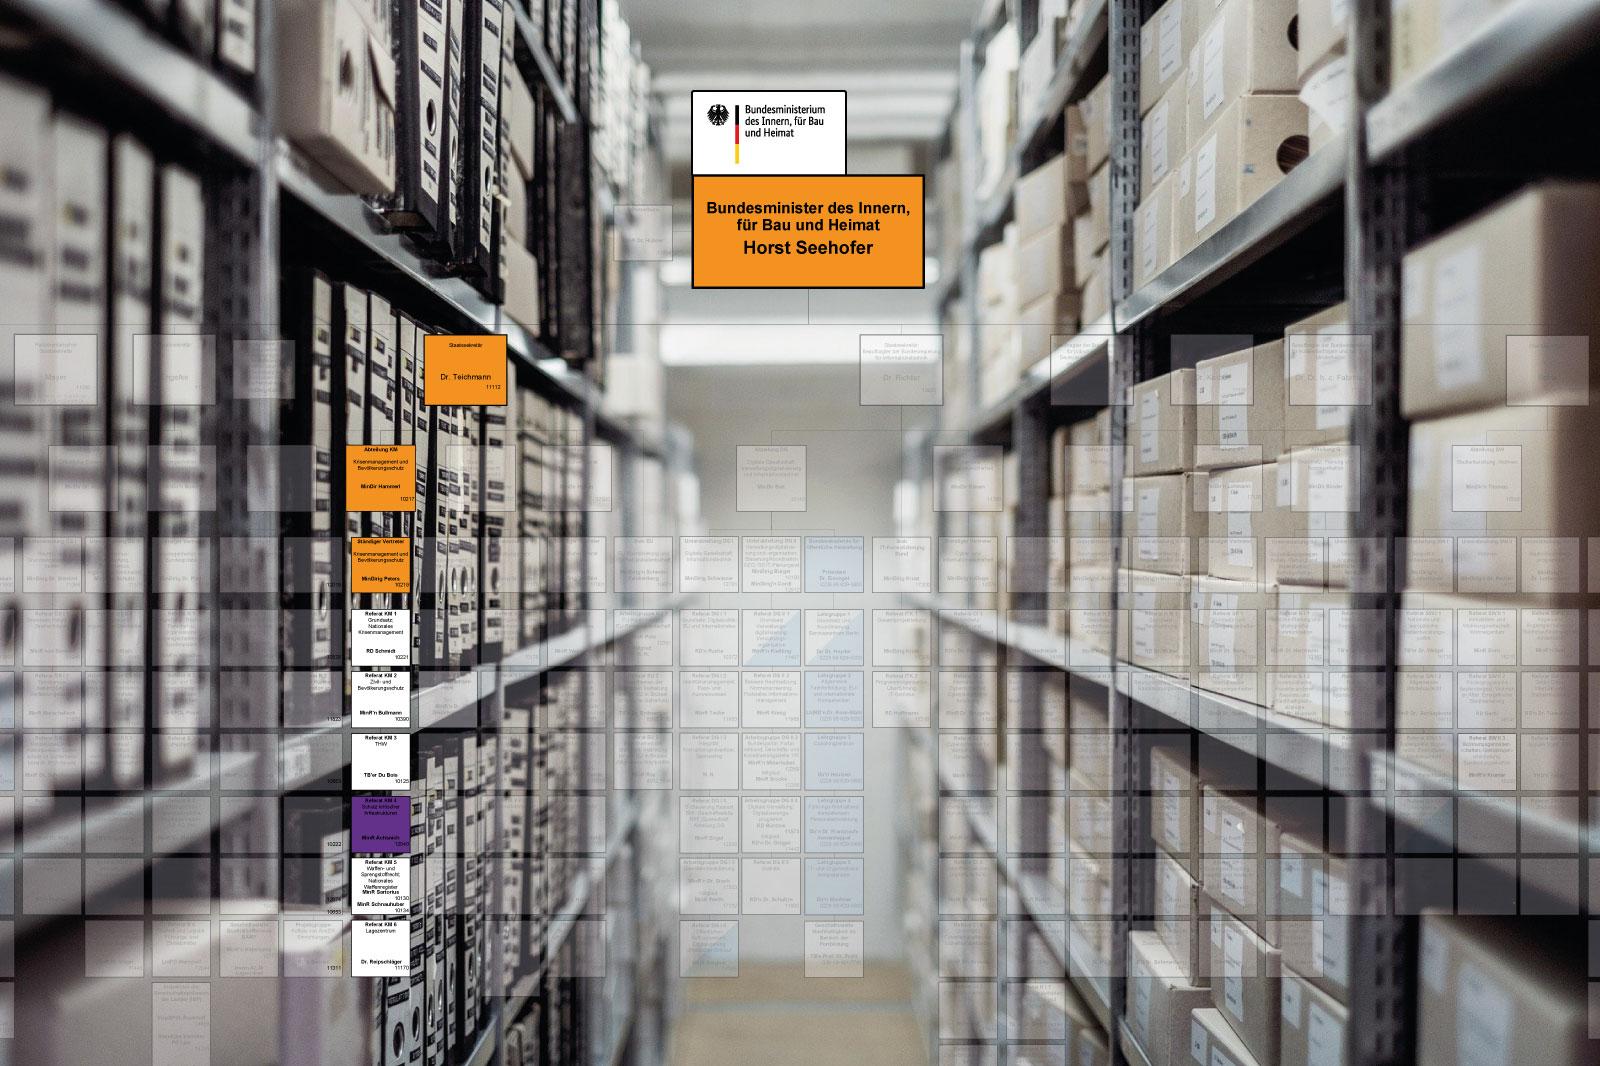 Archiv in einem Ministerium